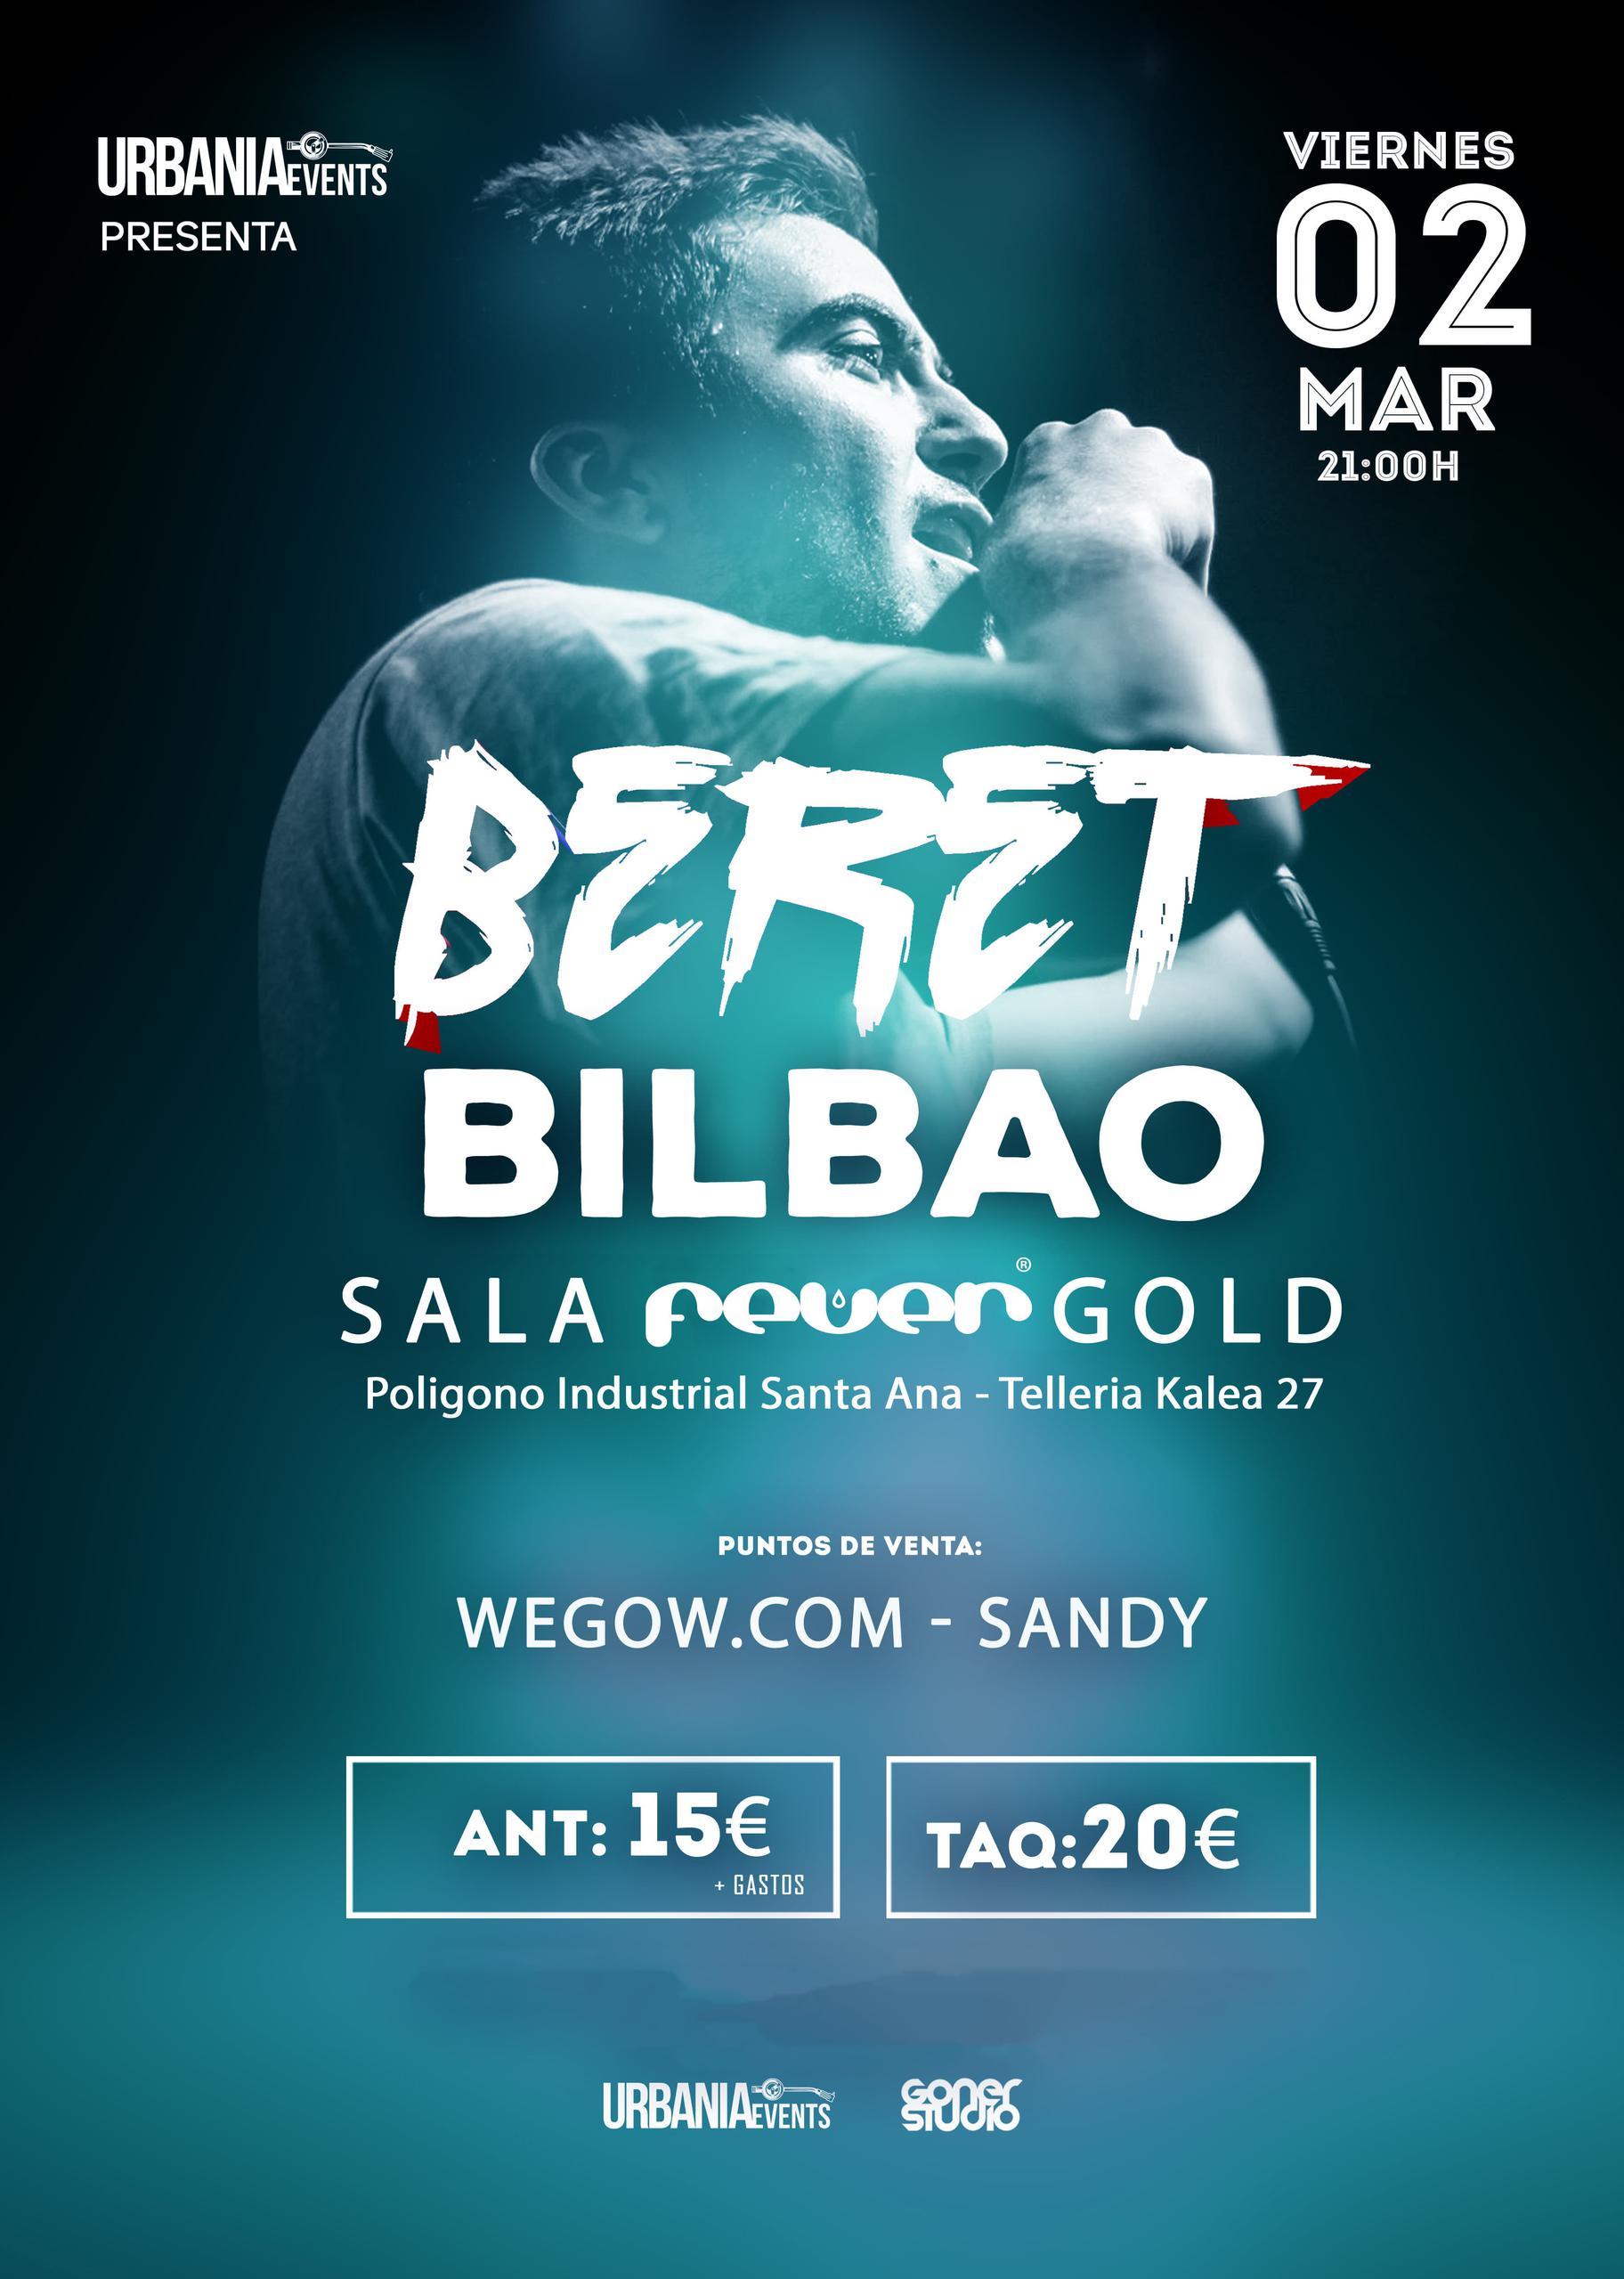 Beeret en Bilbao